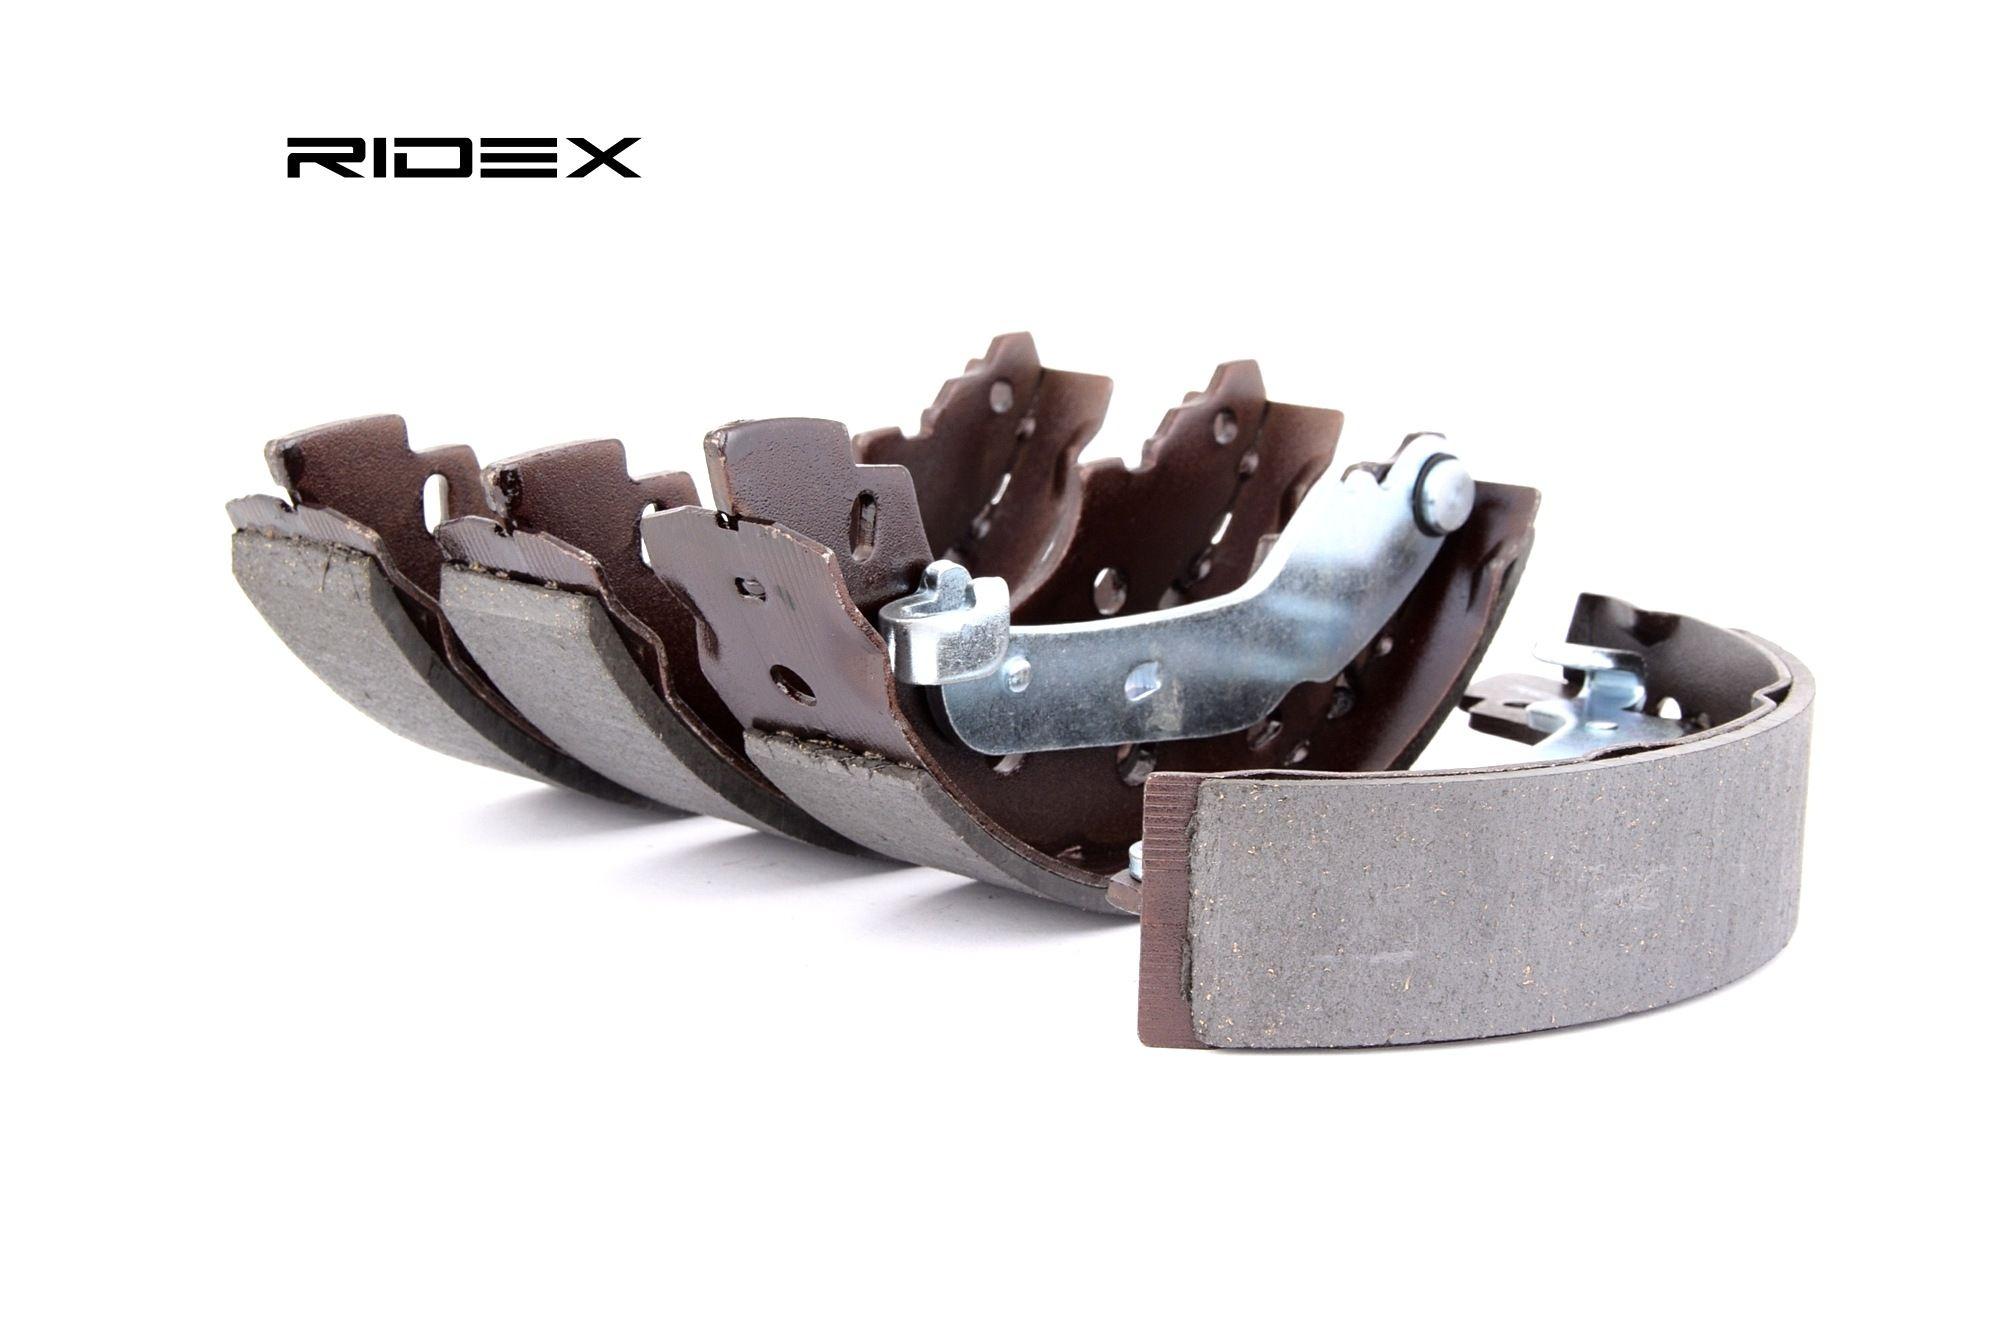 RIDEX: Original Bremsbackensatz 70B0090 (Breite: 39mm)